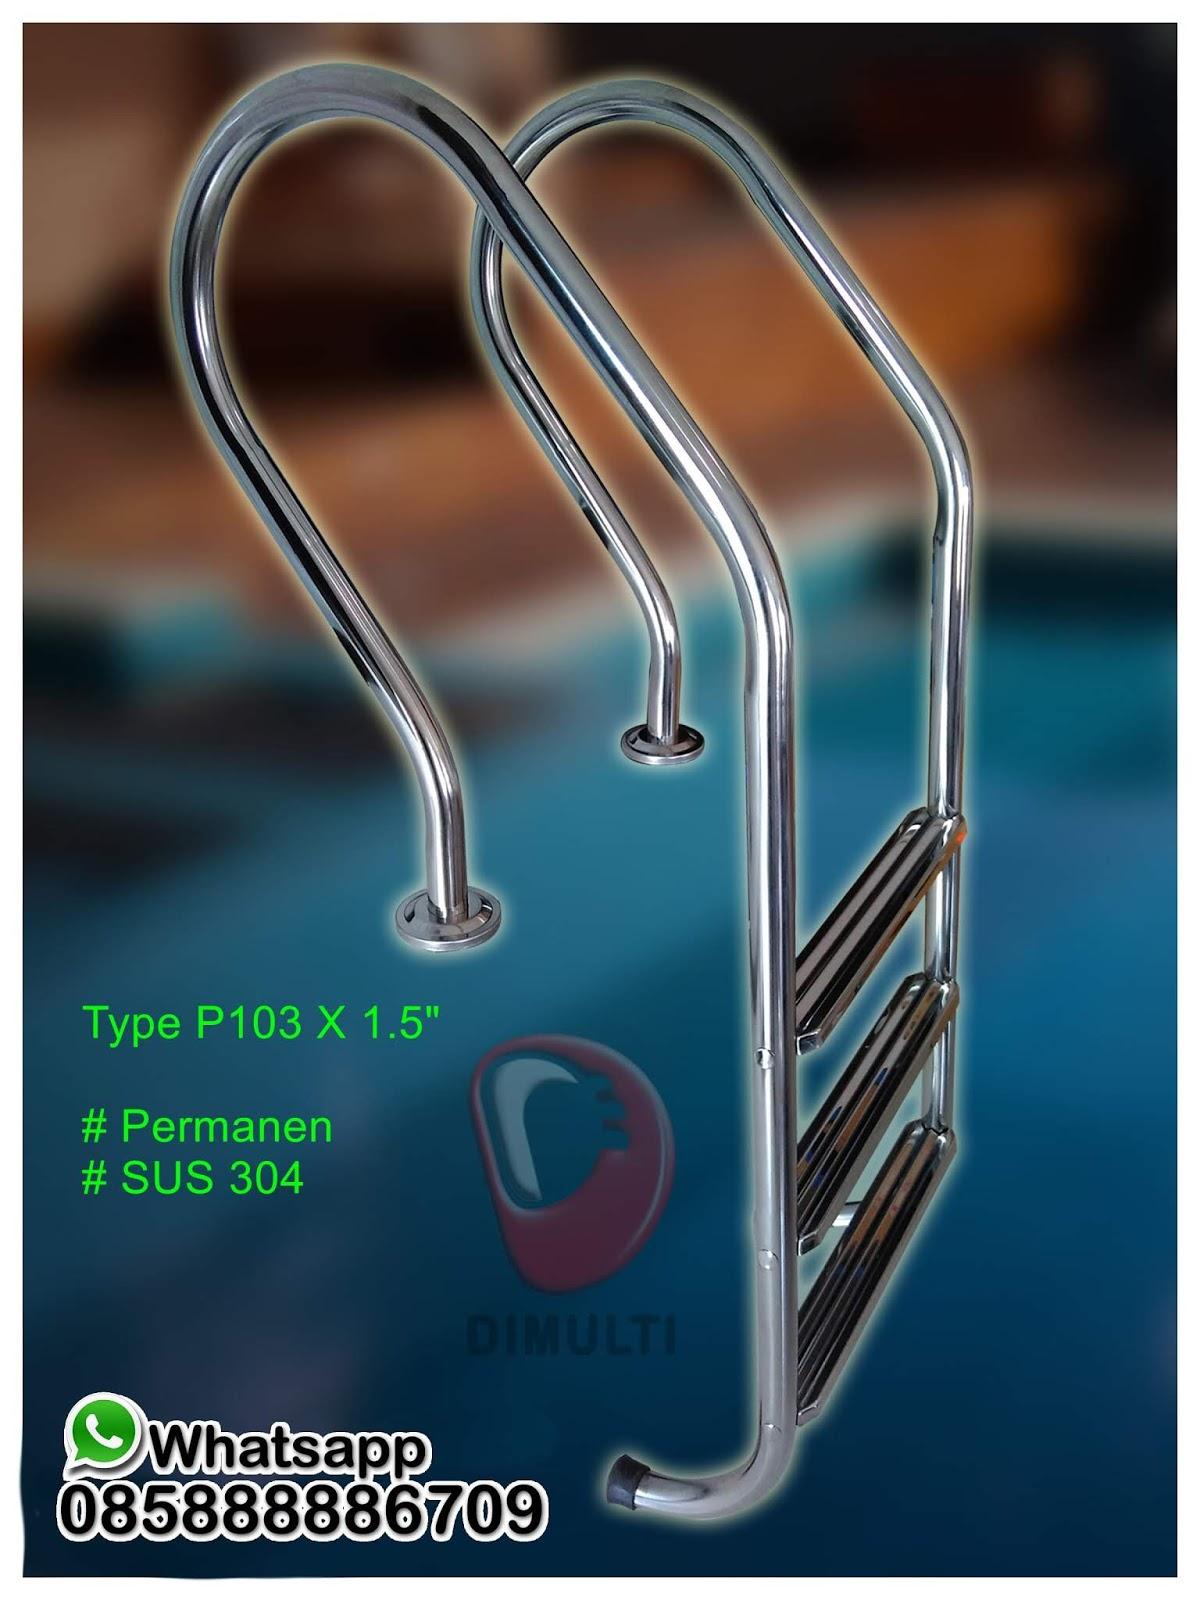 Tangga Kolam Renang Type P103 X 1.5